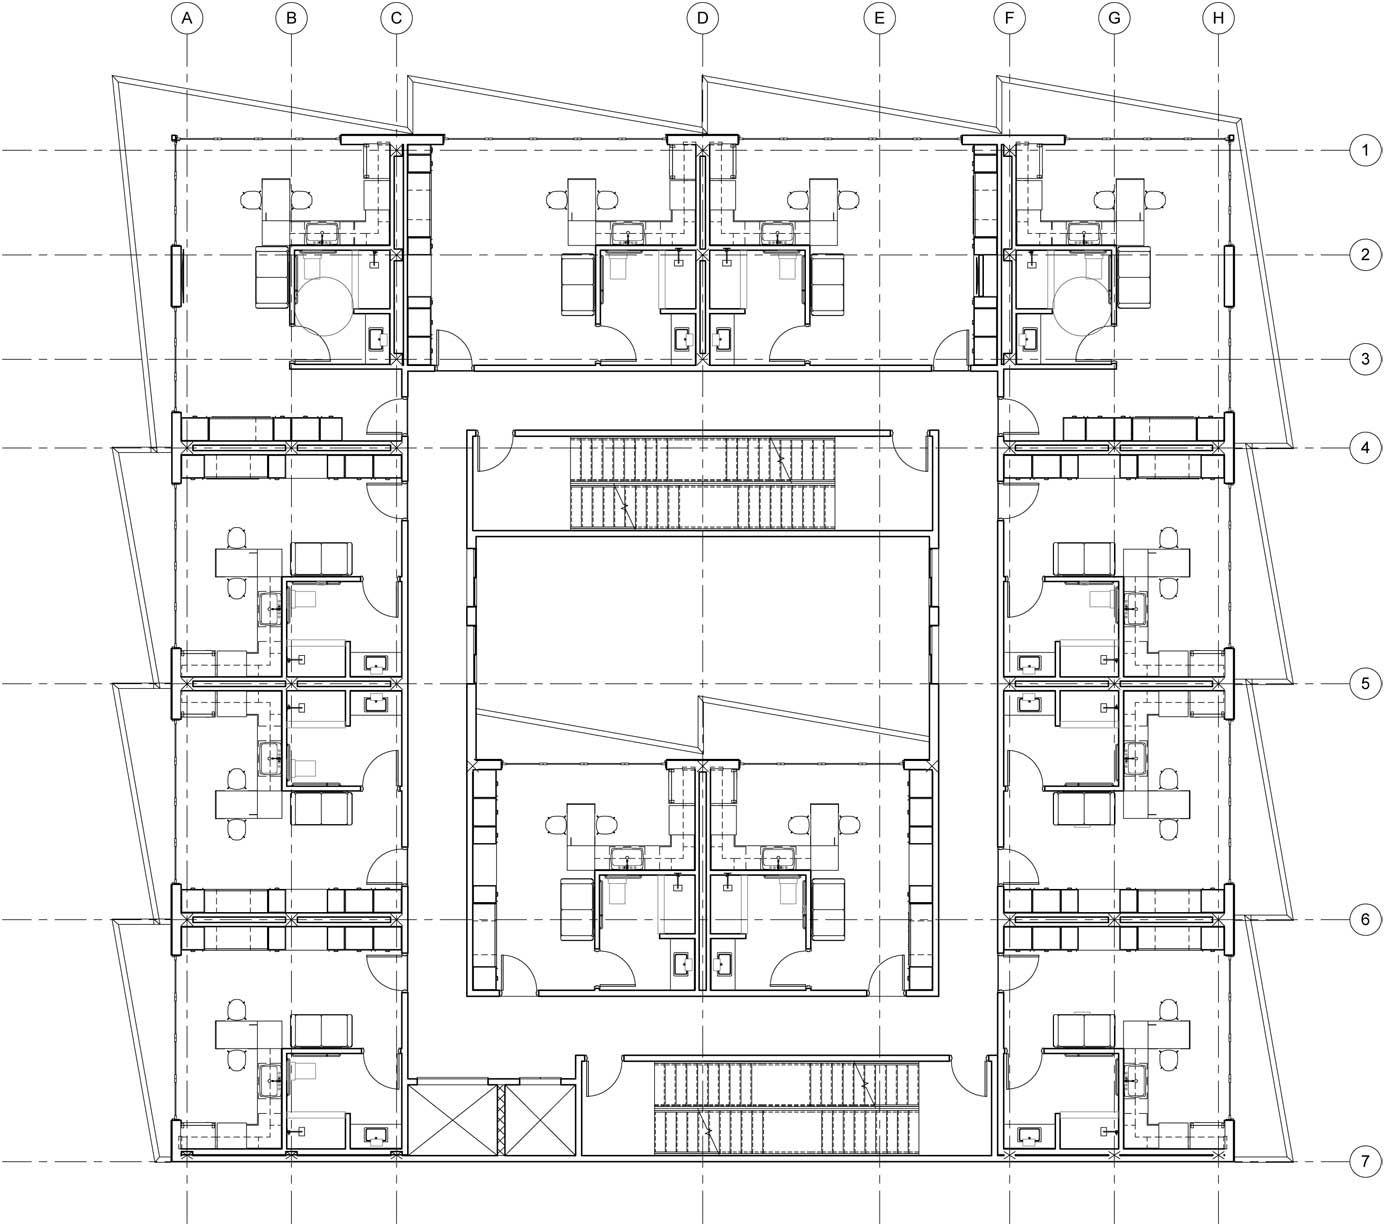 NYC-Micro-Dwellings-4th-Floor-Plan.jpg